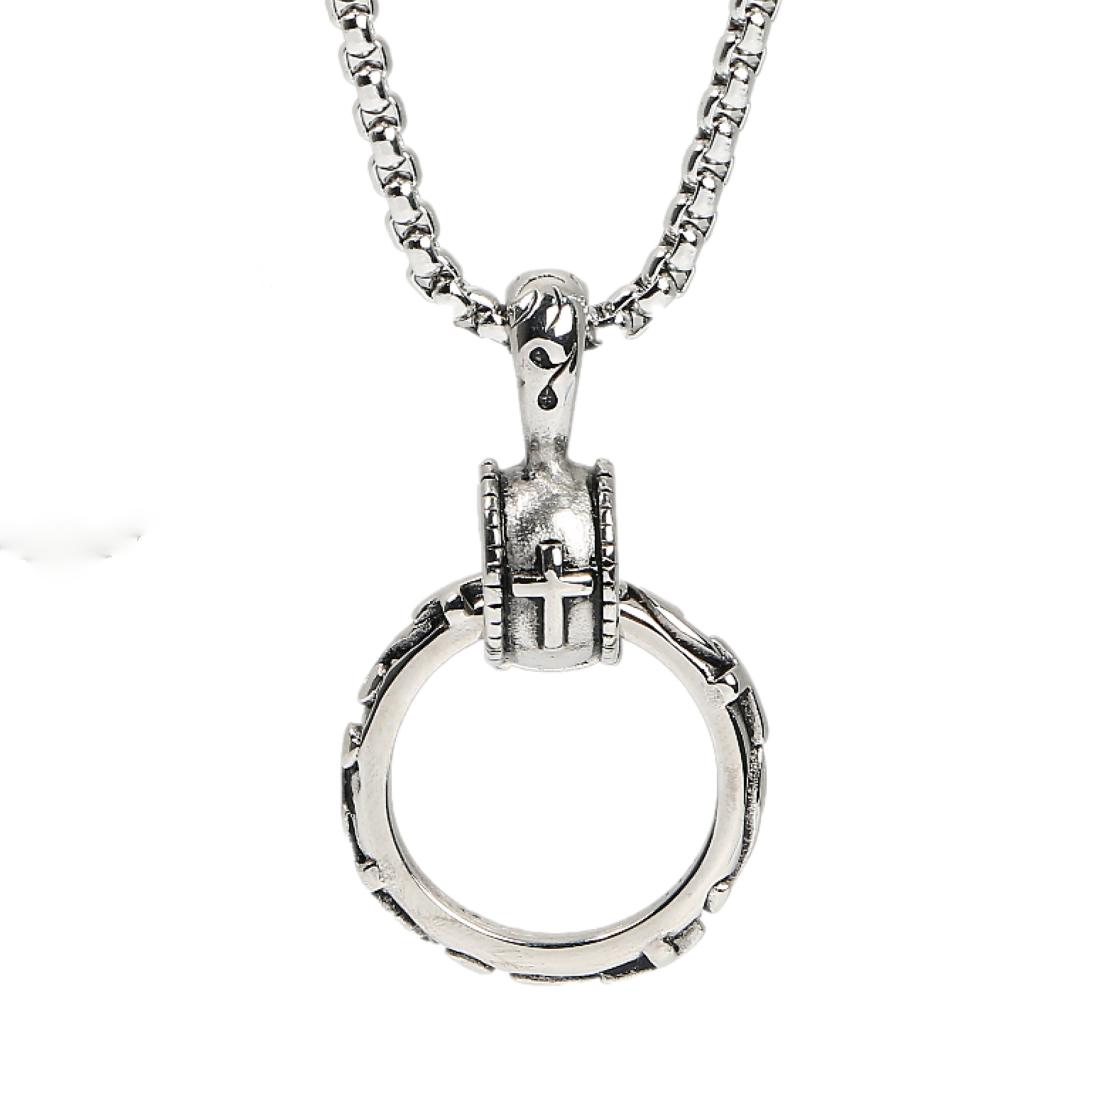 メンズネックレス 存在感溢れる男らしいリングネックレス(銀)